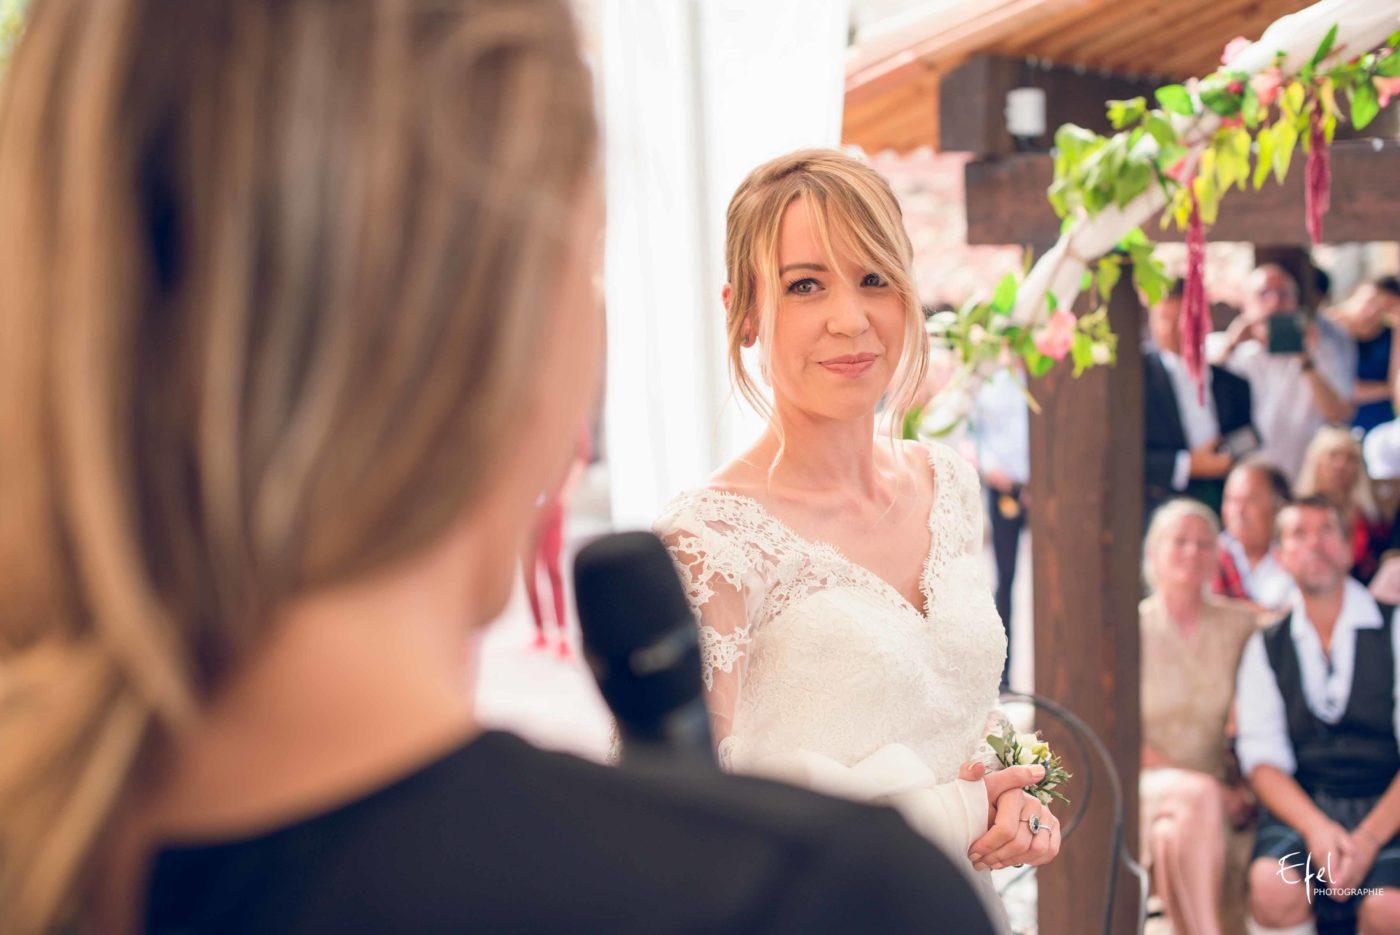 Discours de l'officiant pendant la cérémonie laïque - photographe mariage gap